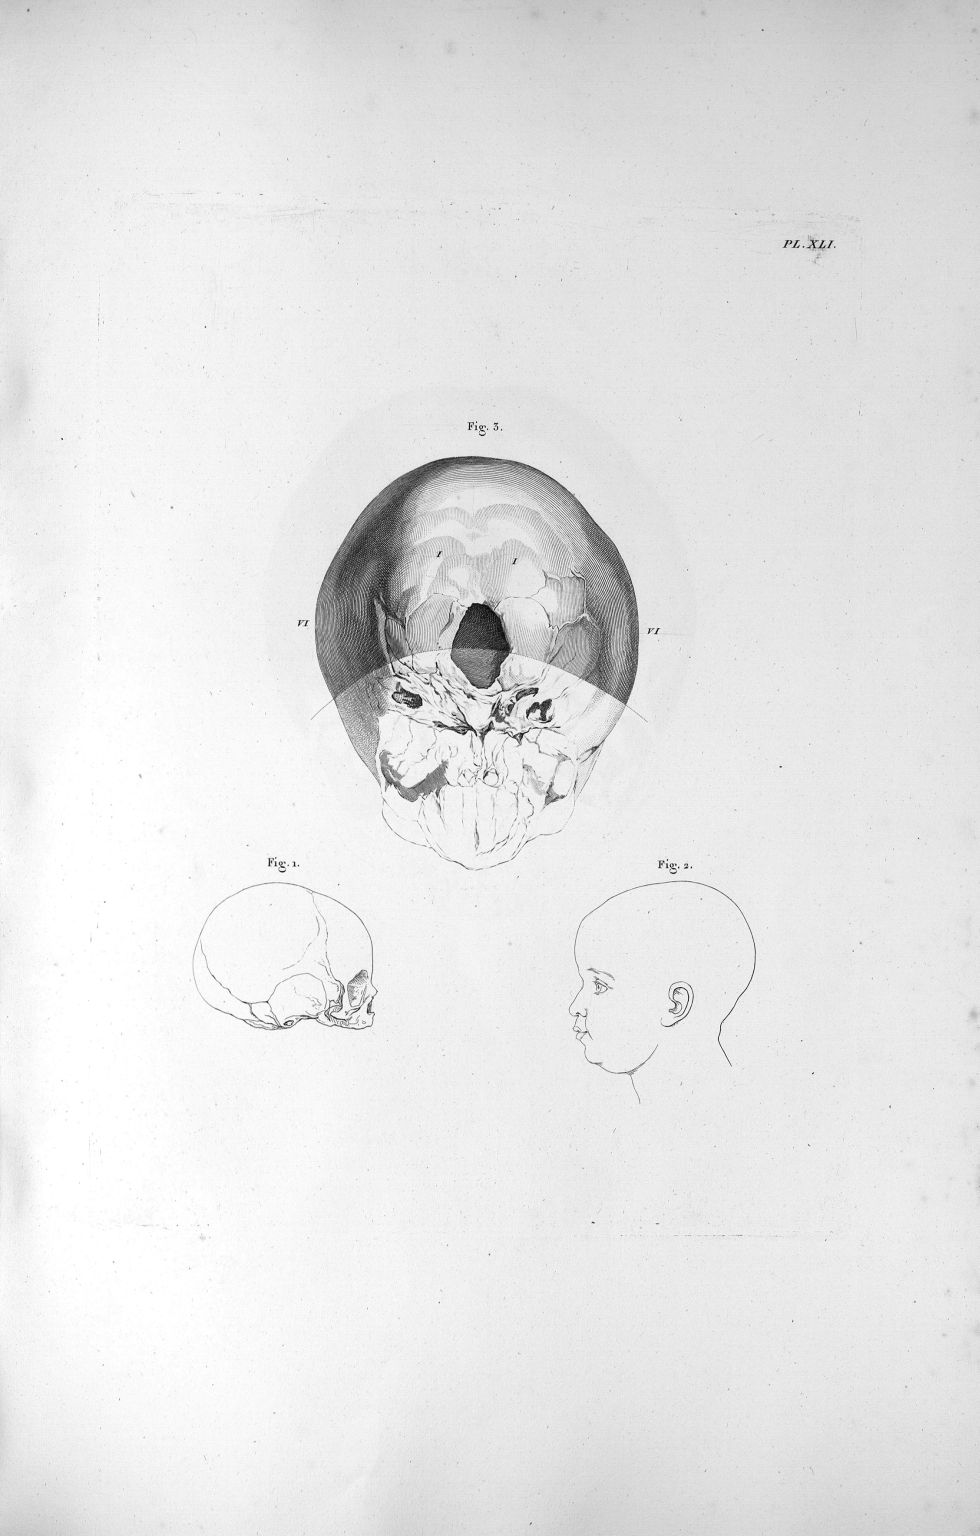 Pl. XLI. Fig. 3. La base du crâne d'un enfant nouveau-né, foible développement du cervelet en compar [...] - Anatomie. Neurologie. Crânes. 19e siècle (France) - med00575xatlasx0051